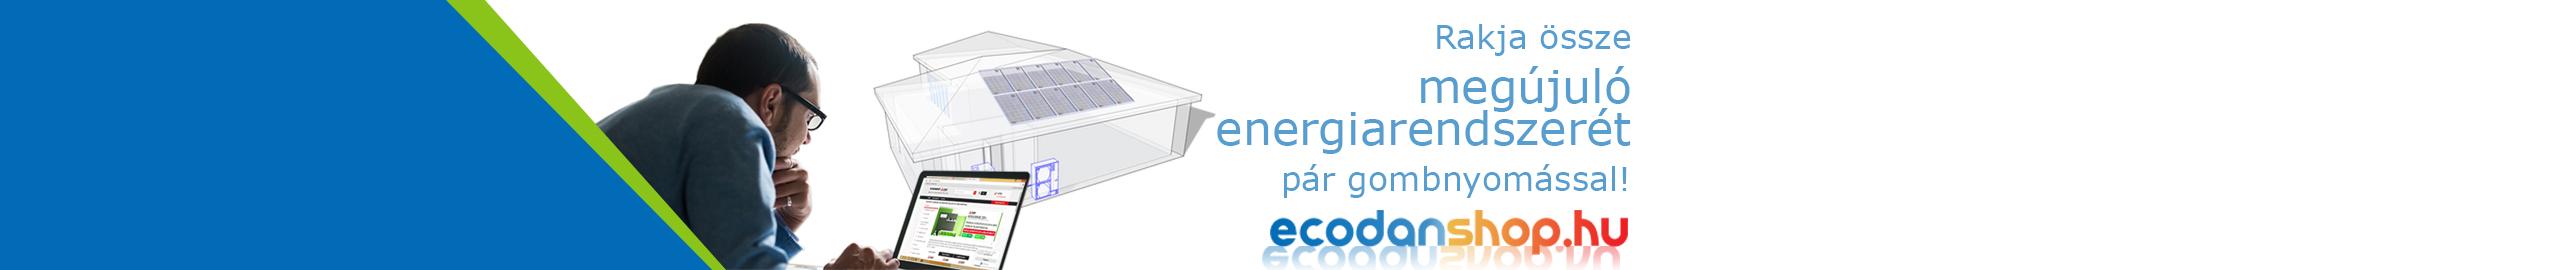 Ecodan hőszivattyú az ecodanshopból